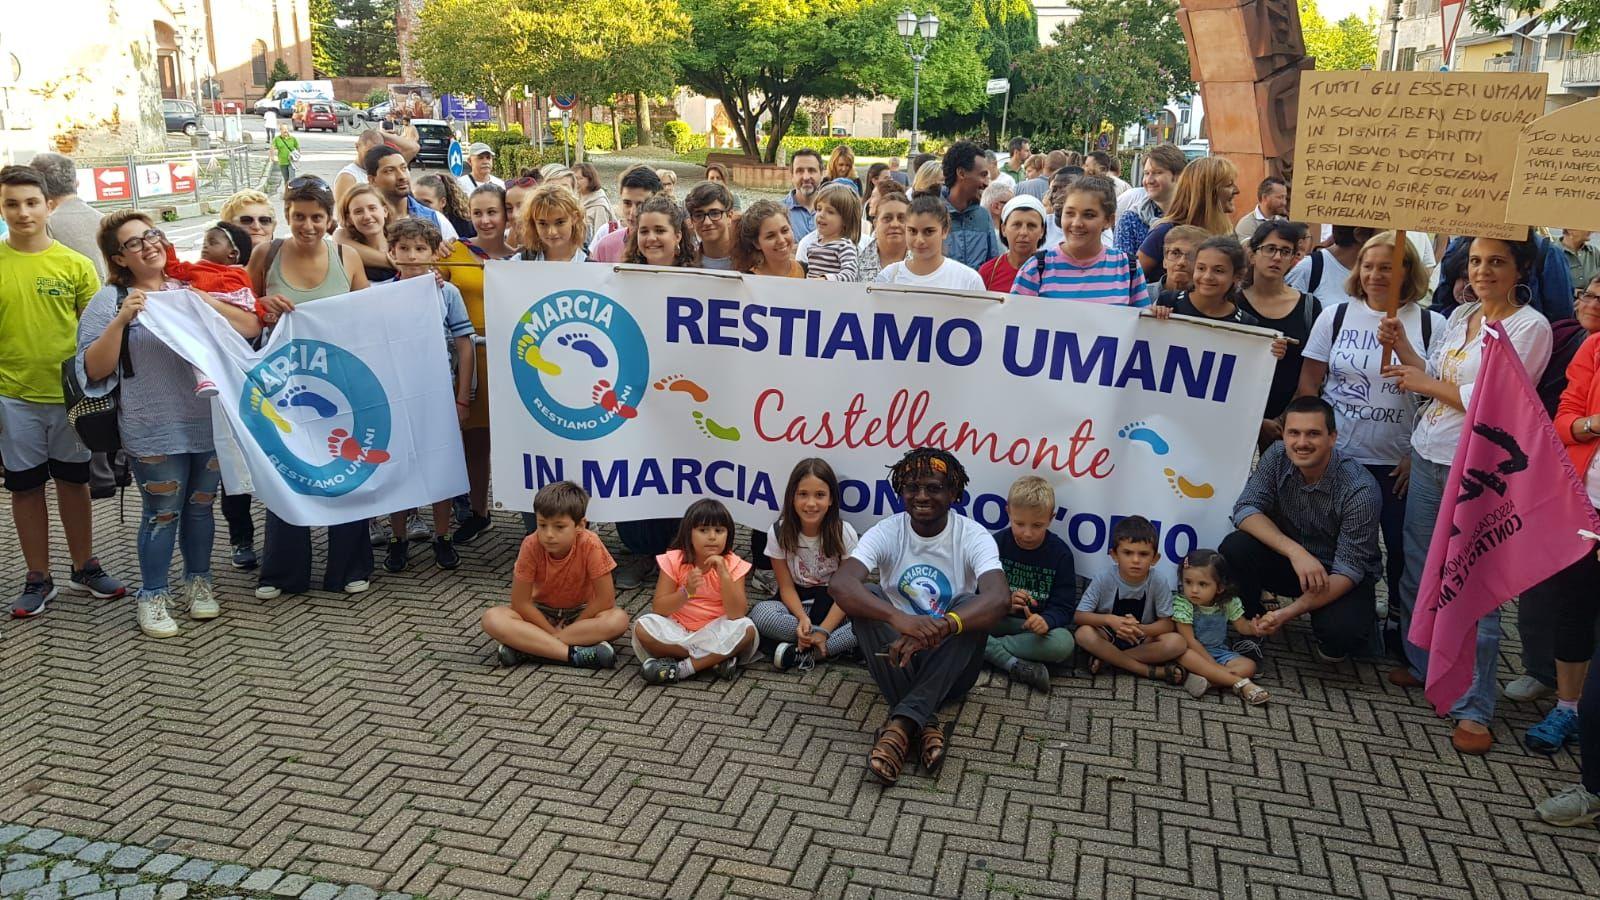 CASTELLAMONTE - In piazza con John Mpaliza per i diritti di tutti